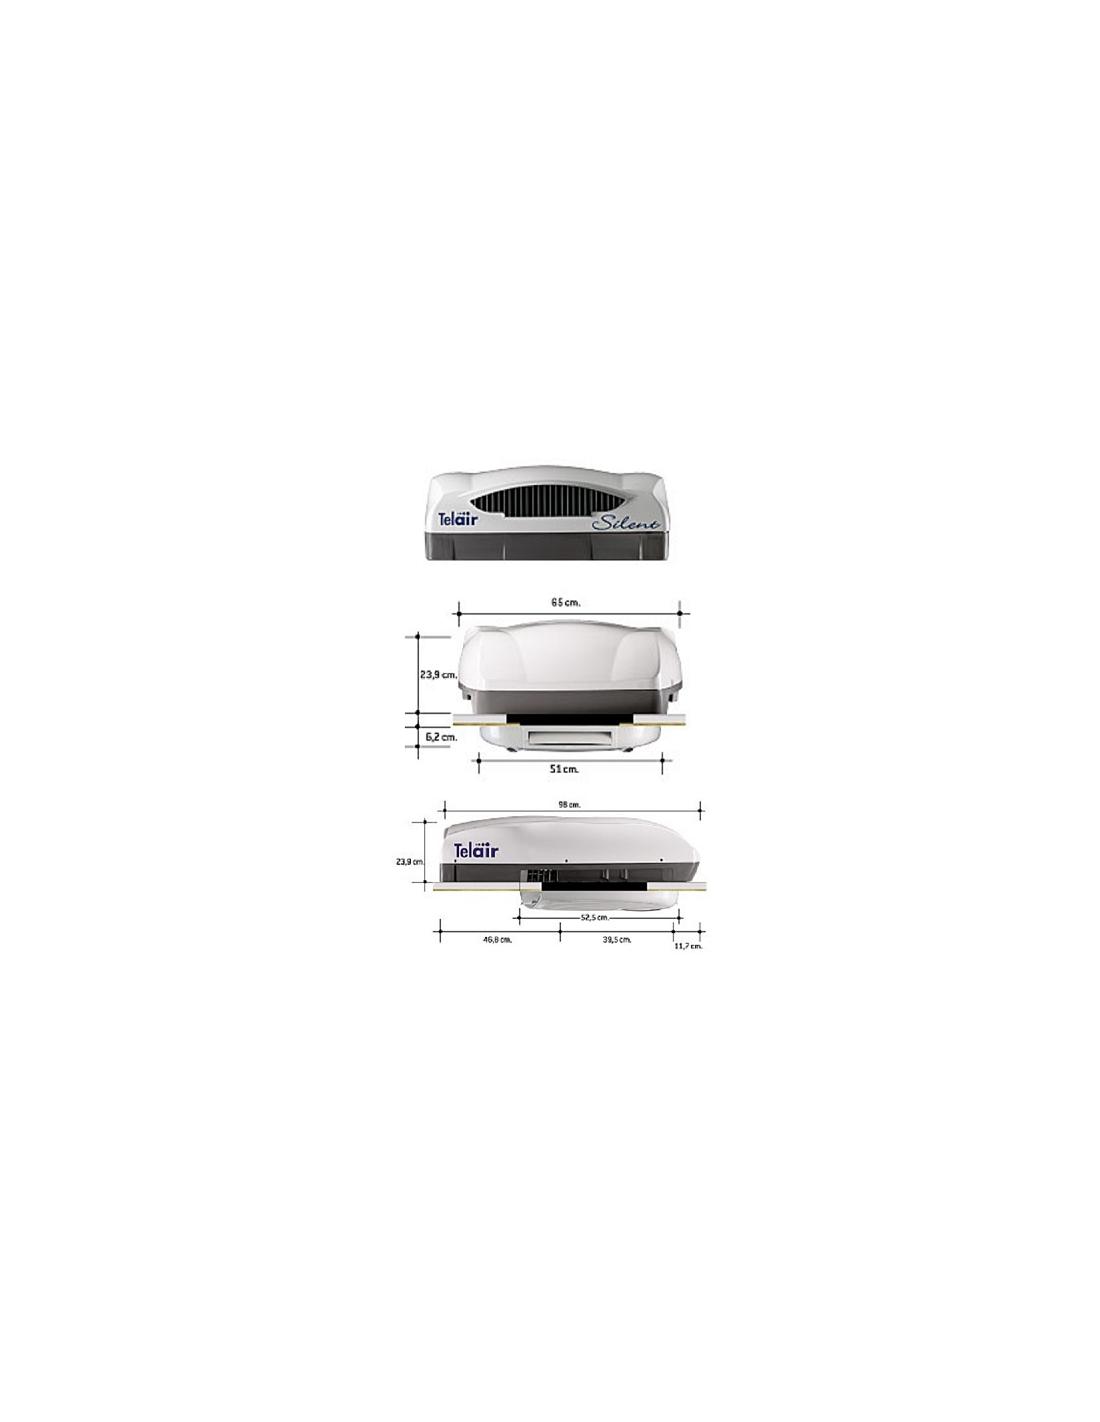 Aire acondicionado telair silent 7400h con bomba de calor for Aparatos de aire acondicionado con bomba de calor